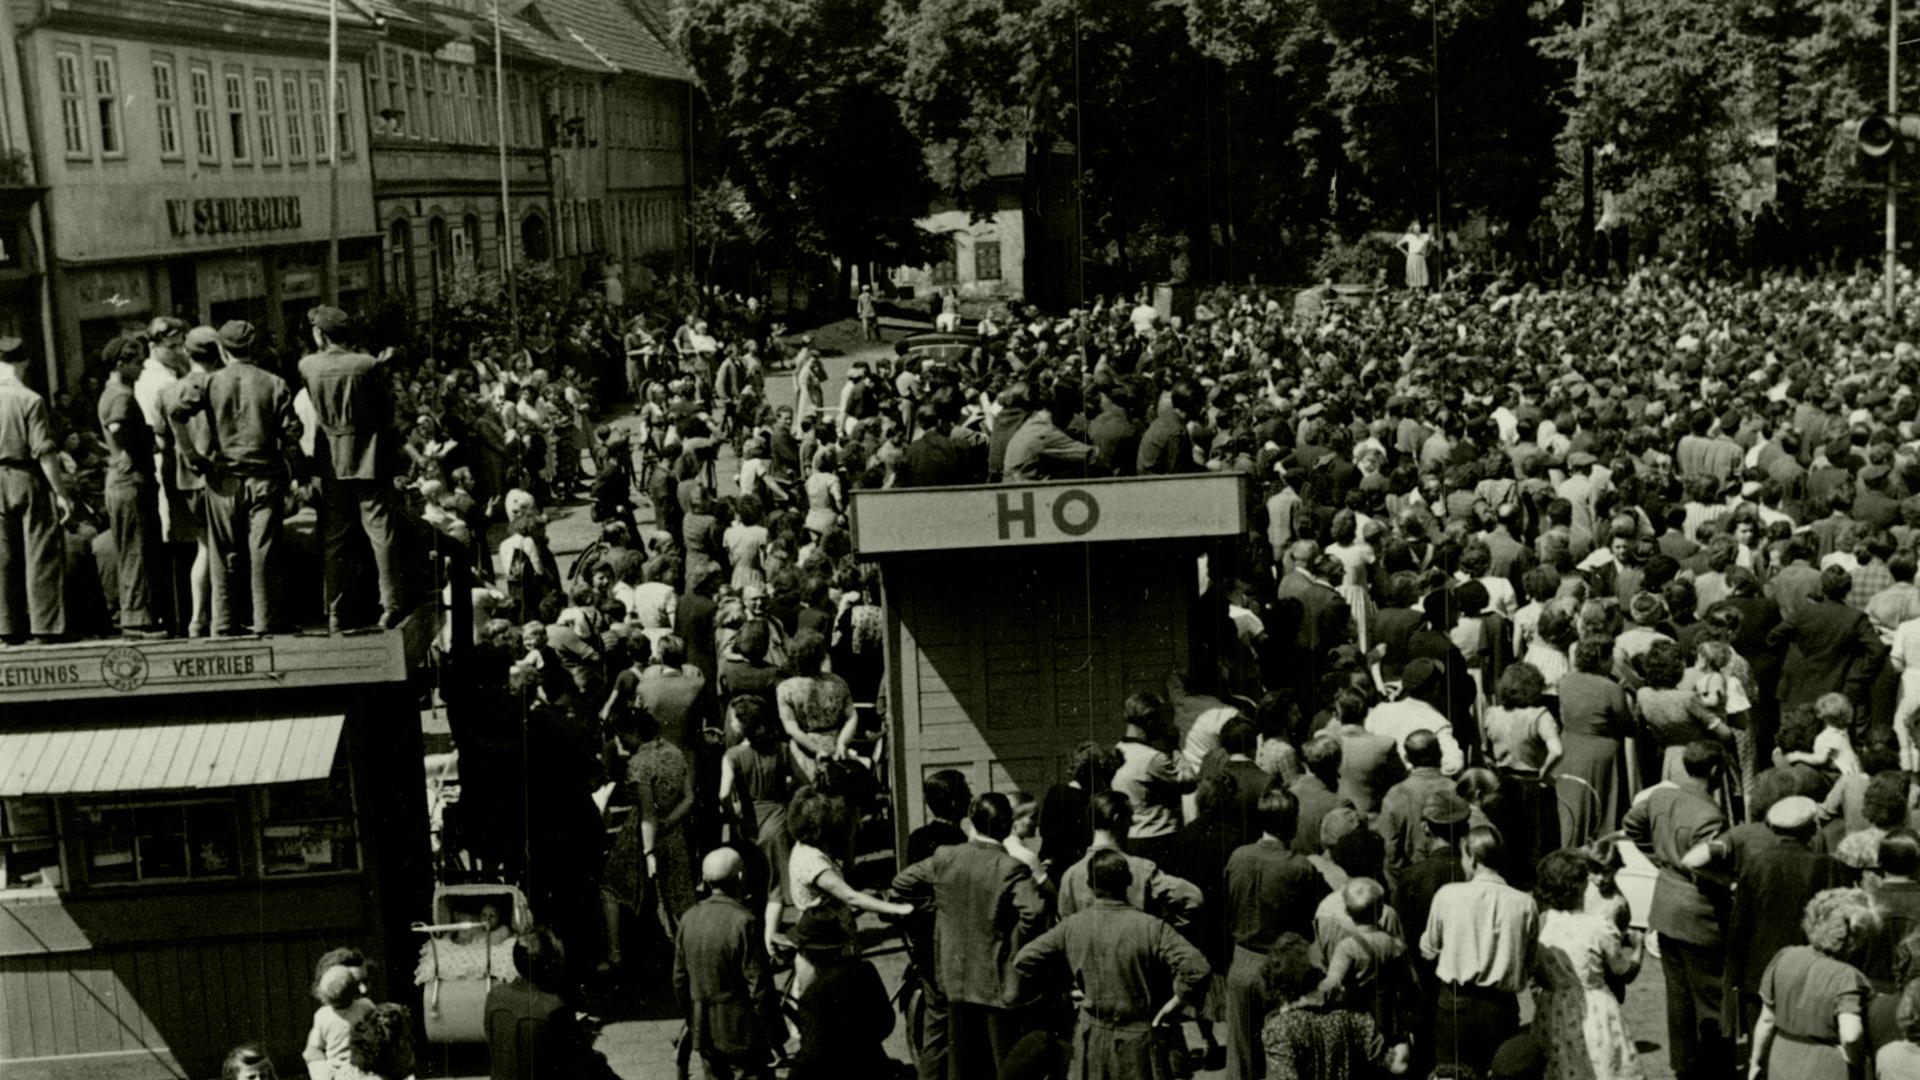 Der Marktplatz des thüringischen Sömmerda am 17. Juni 1953: Im Hintergrund die Menschenmenge, die anscheinend einer Kundgebung beiwohnt. Im Vordergrund die Bretterbuden 'Zeitungsvertrieb' und 'HO, auf denen Menschen sitzen oder stehen. Ganz vorne weitere Menschen, manche von ihnen mit Fahrrädern. Auf der Rückseite des Fotos ist handschriftlich vermerkt: 'Sömmerda am 17.6.53 – Demonstranten auf dem Marktplatz in Sömmerda (Rheinmetall).